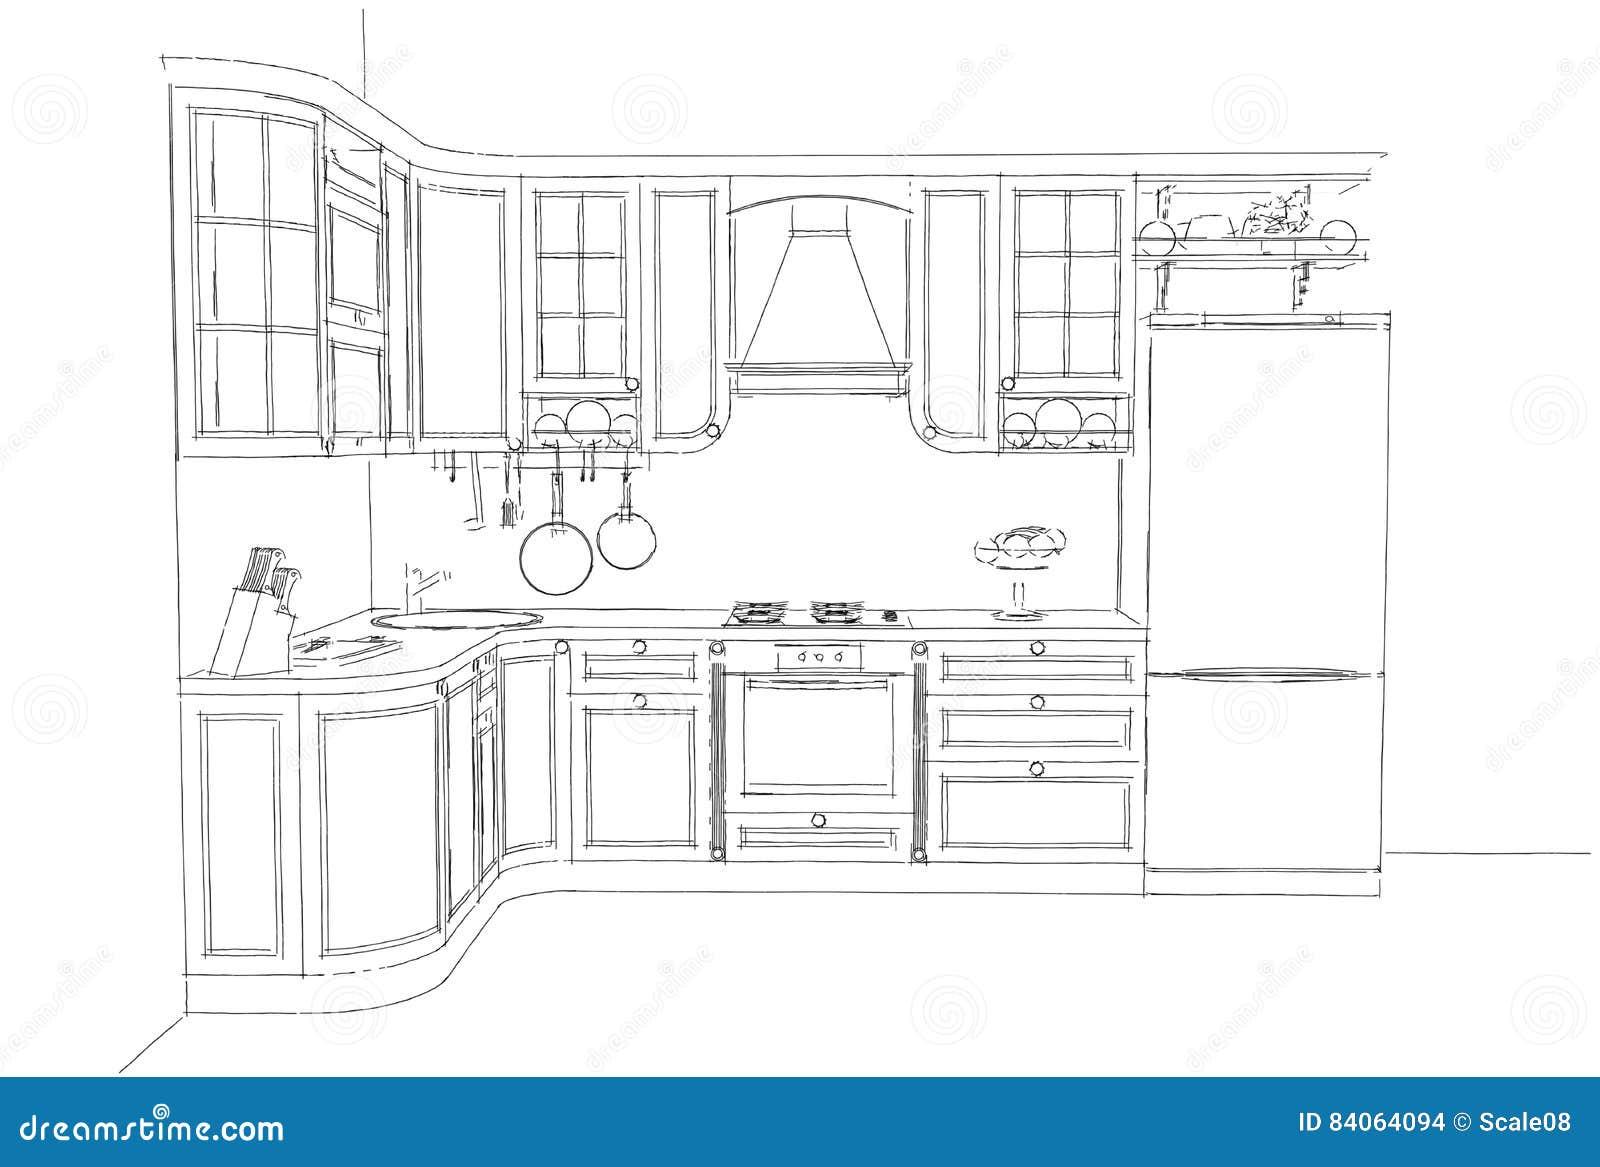 Dibujo Cocina   Dibujo De Bosquejo De La Cocina Clasica 3d Interior Stock De